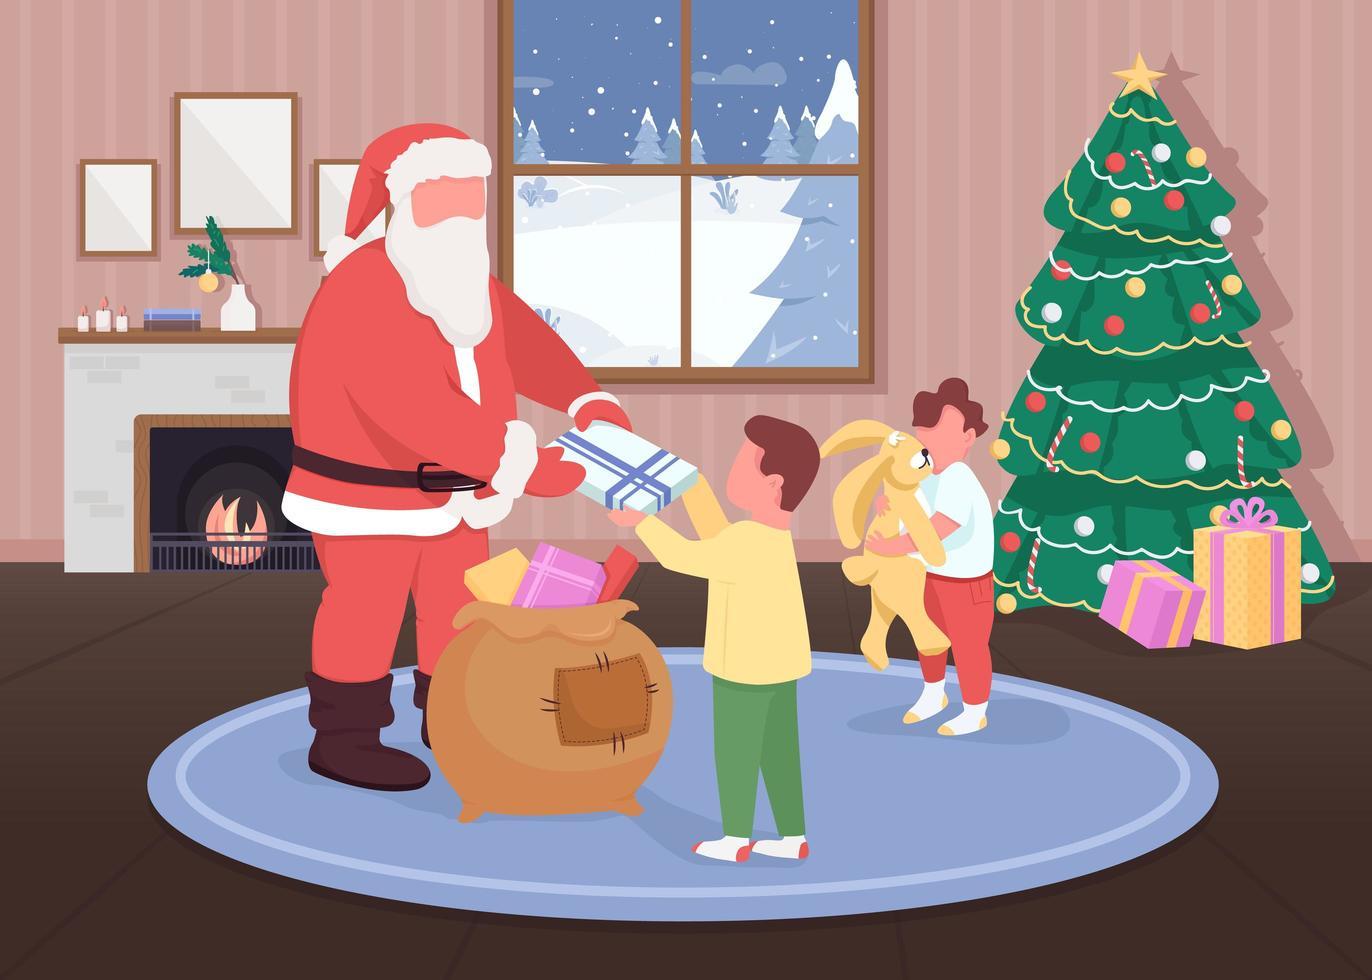 santa da regalos a los niños vector